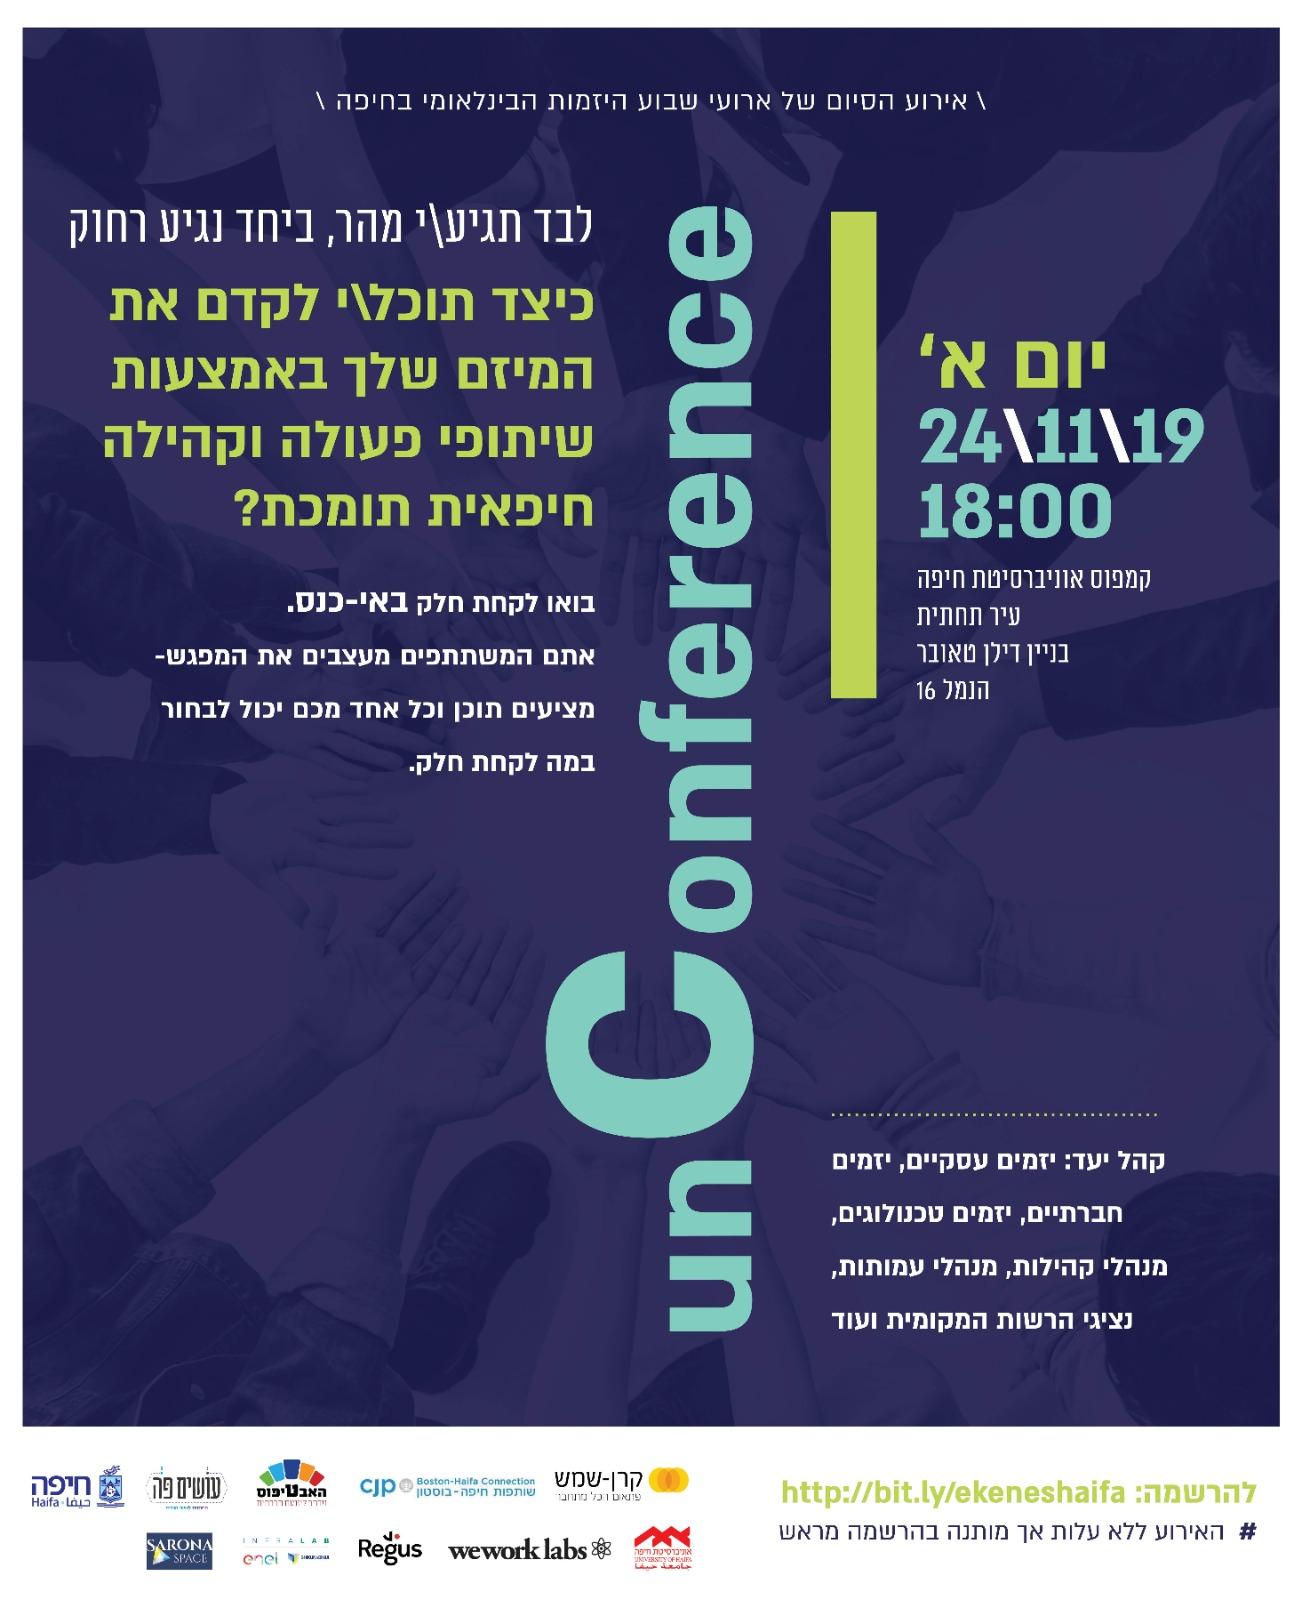 אי-כנס חיפה- ההזדמנות שלך להשפיע על הקהילה